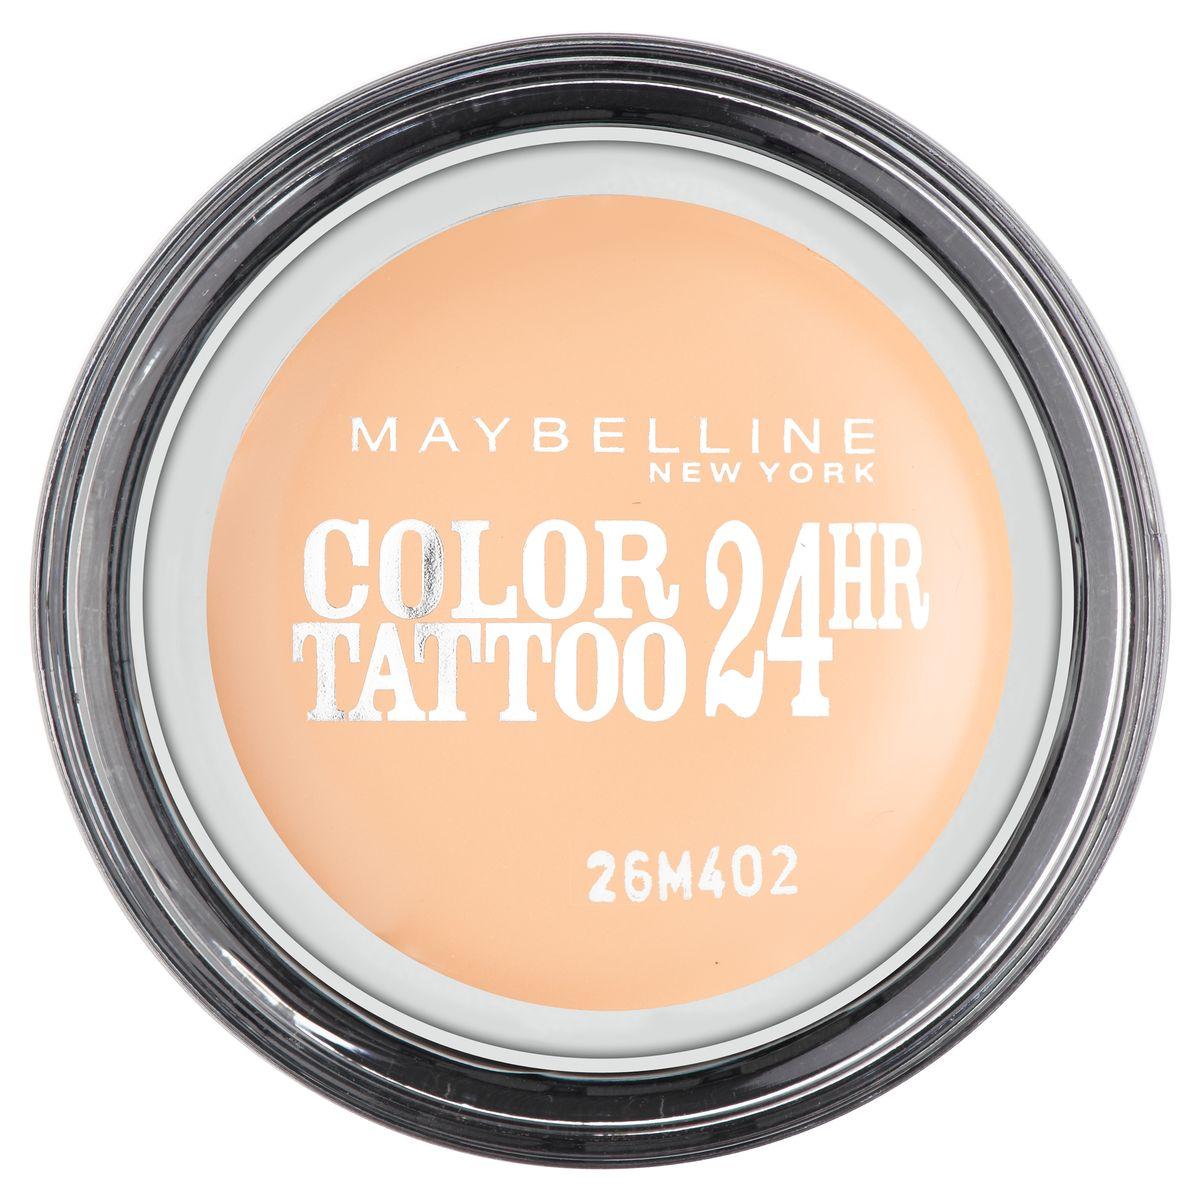 Maybelline New York Тени для век Color Tattoo, оттенок 93, Бежевая нежность, 4 млMFM-3101Технология тату-пигментов создает яркий, супернасыщенный цвет. Крем-гелевая текстура обеспечивает ультралегкое нанесение и стойкость на 24 часа.